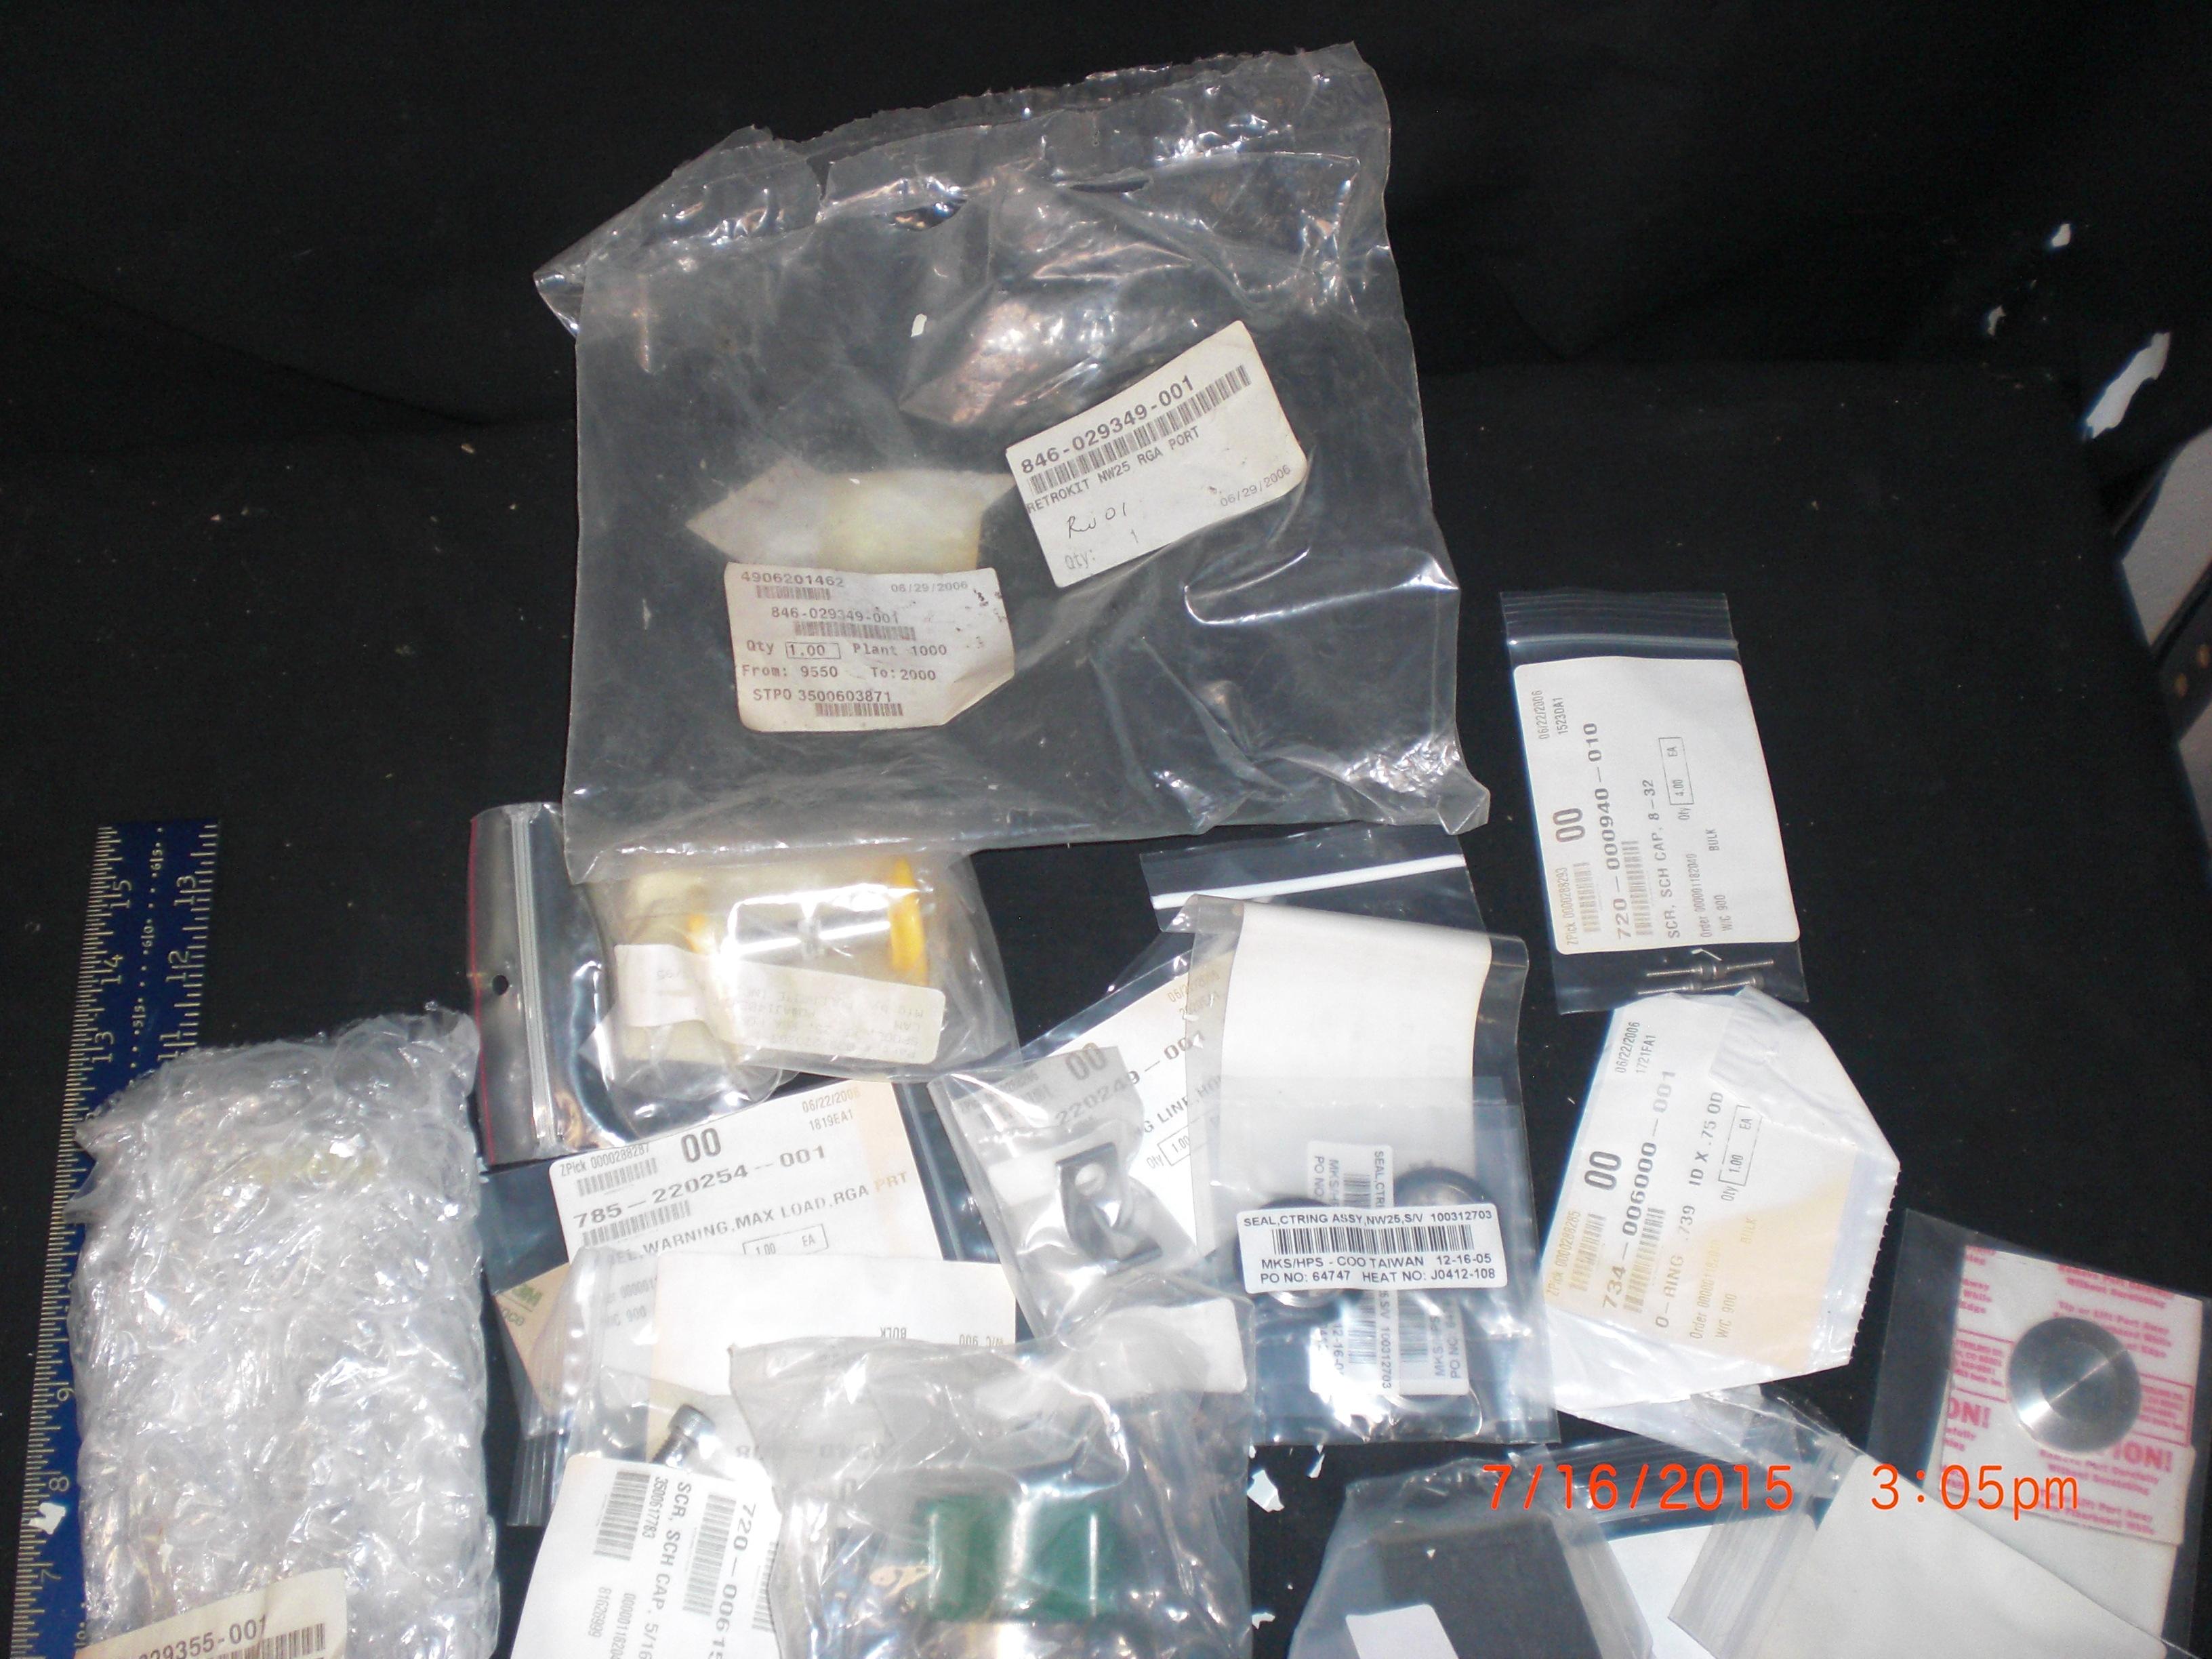 Kit (LAM) 846-029349-001 Retrofit NW25 RGA Port